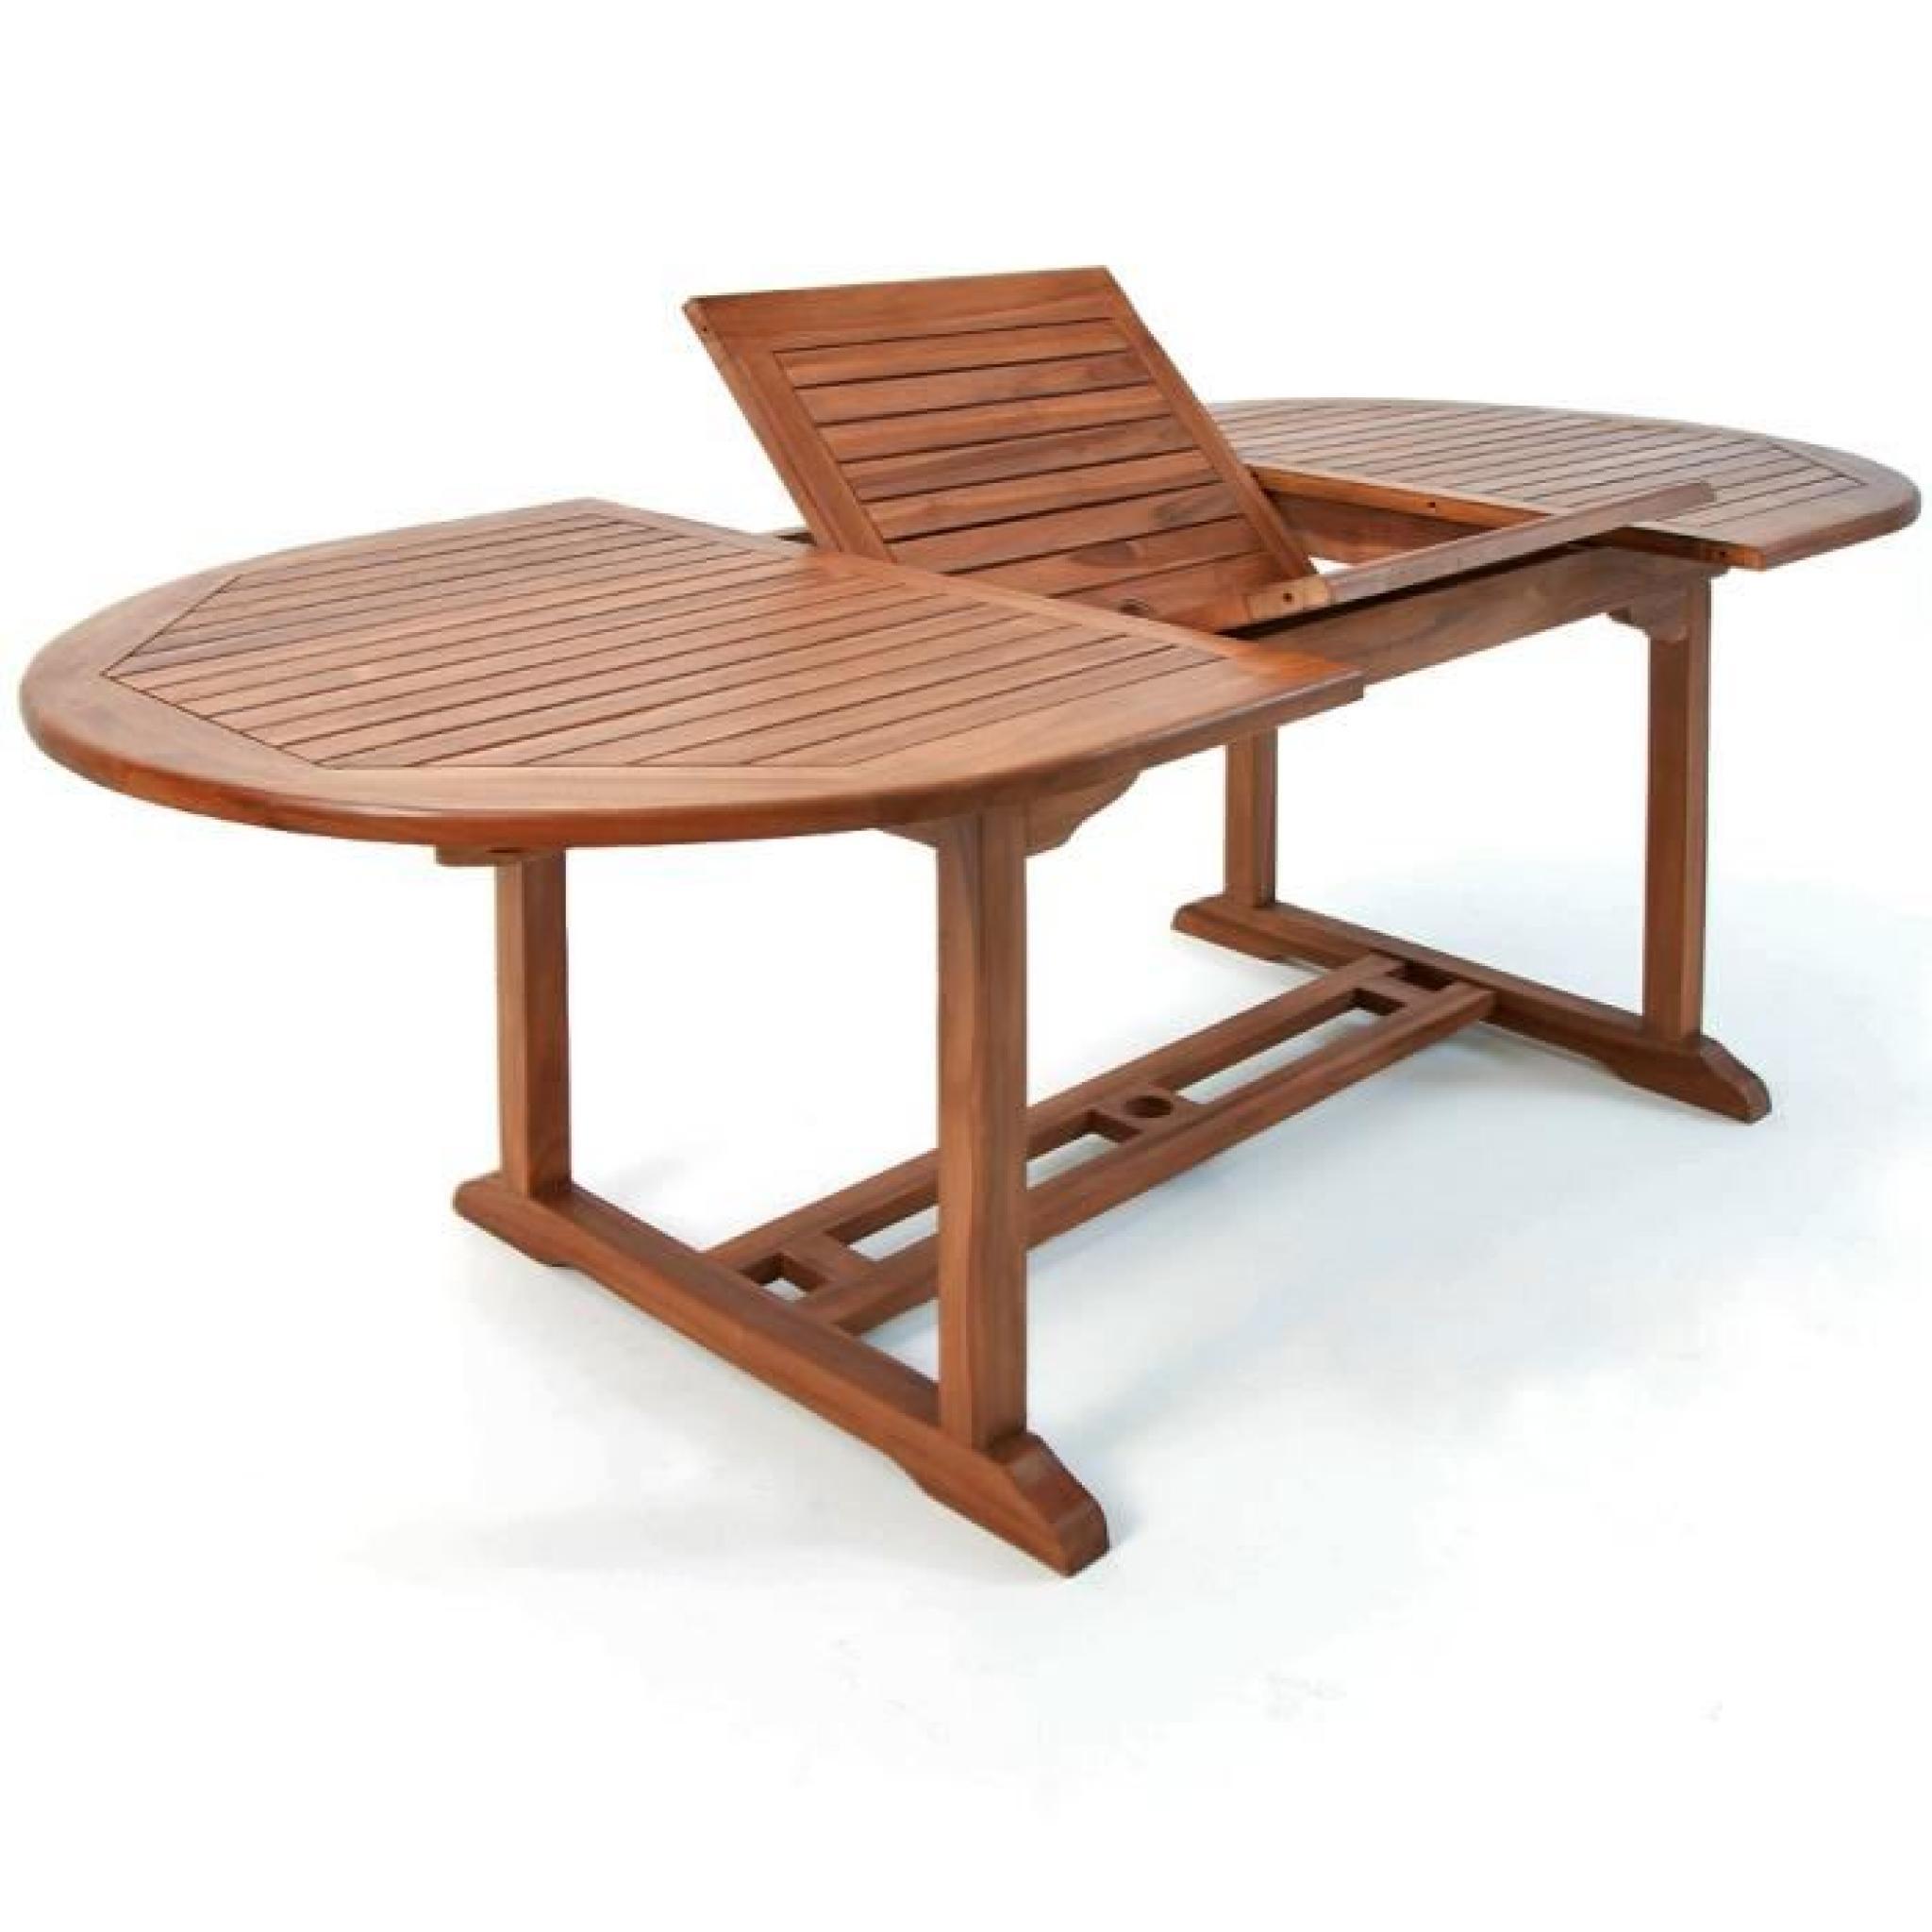 Salon De Jardin Vanamo - Ensemble 7 Pièces Table Et Chaises En Bois Dur concernant Table Et Chaises De Jardin Pas Cher